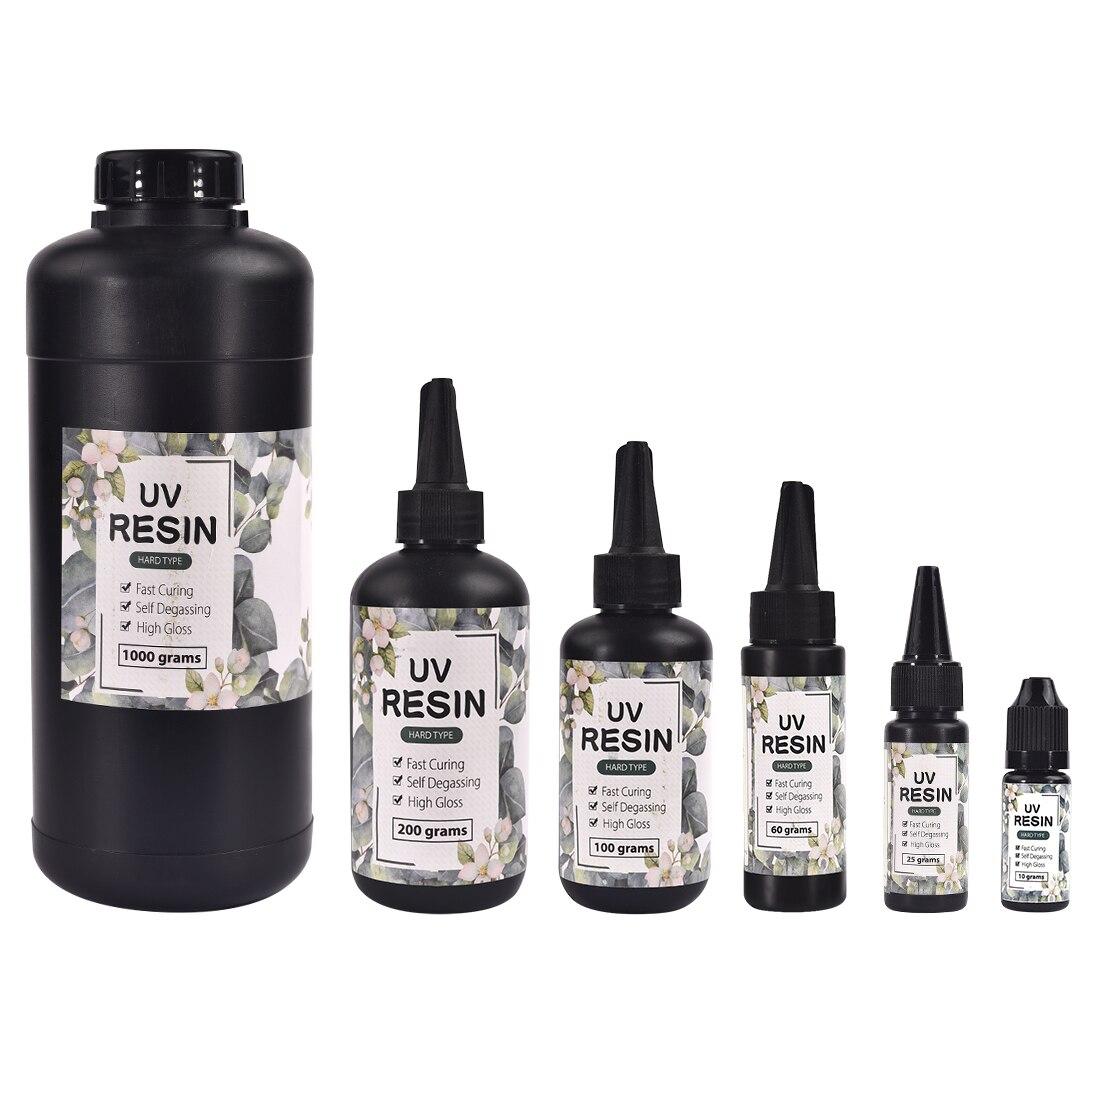 Uv resina cola 10/15/25/60/100/200g ultravioleta cura solar cura luz solar ativado duro diy secagem rápida para jóias resina gel      -